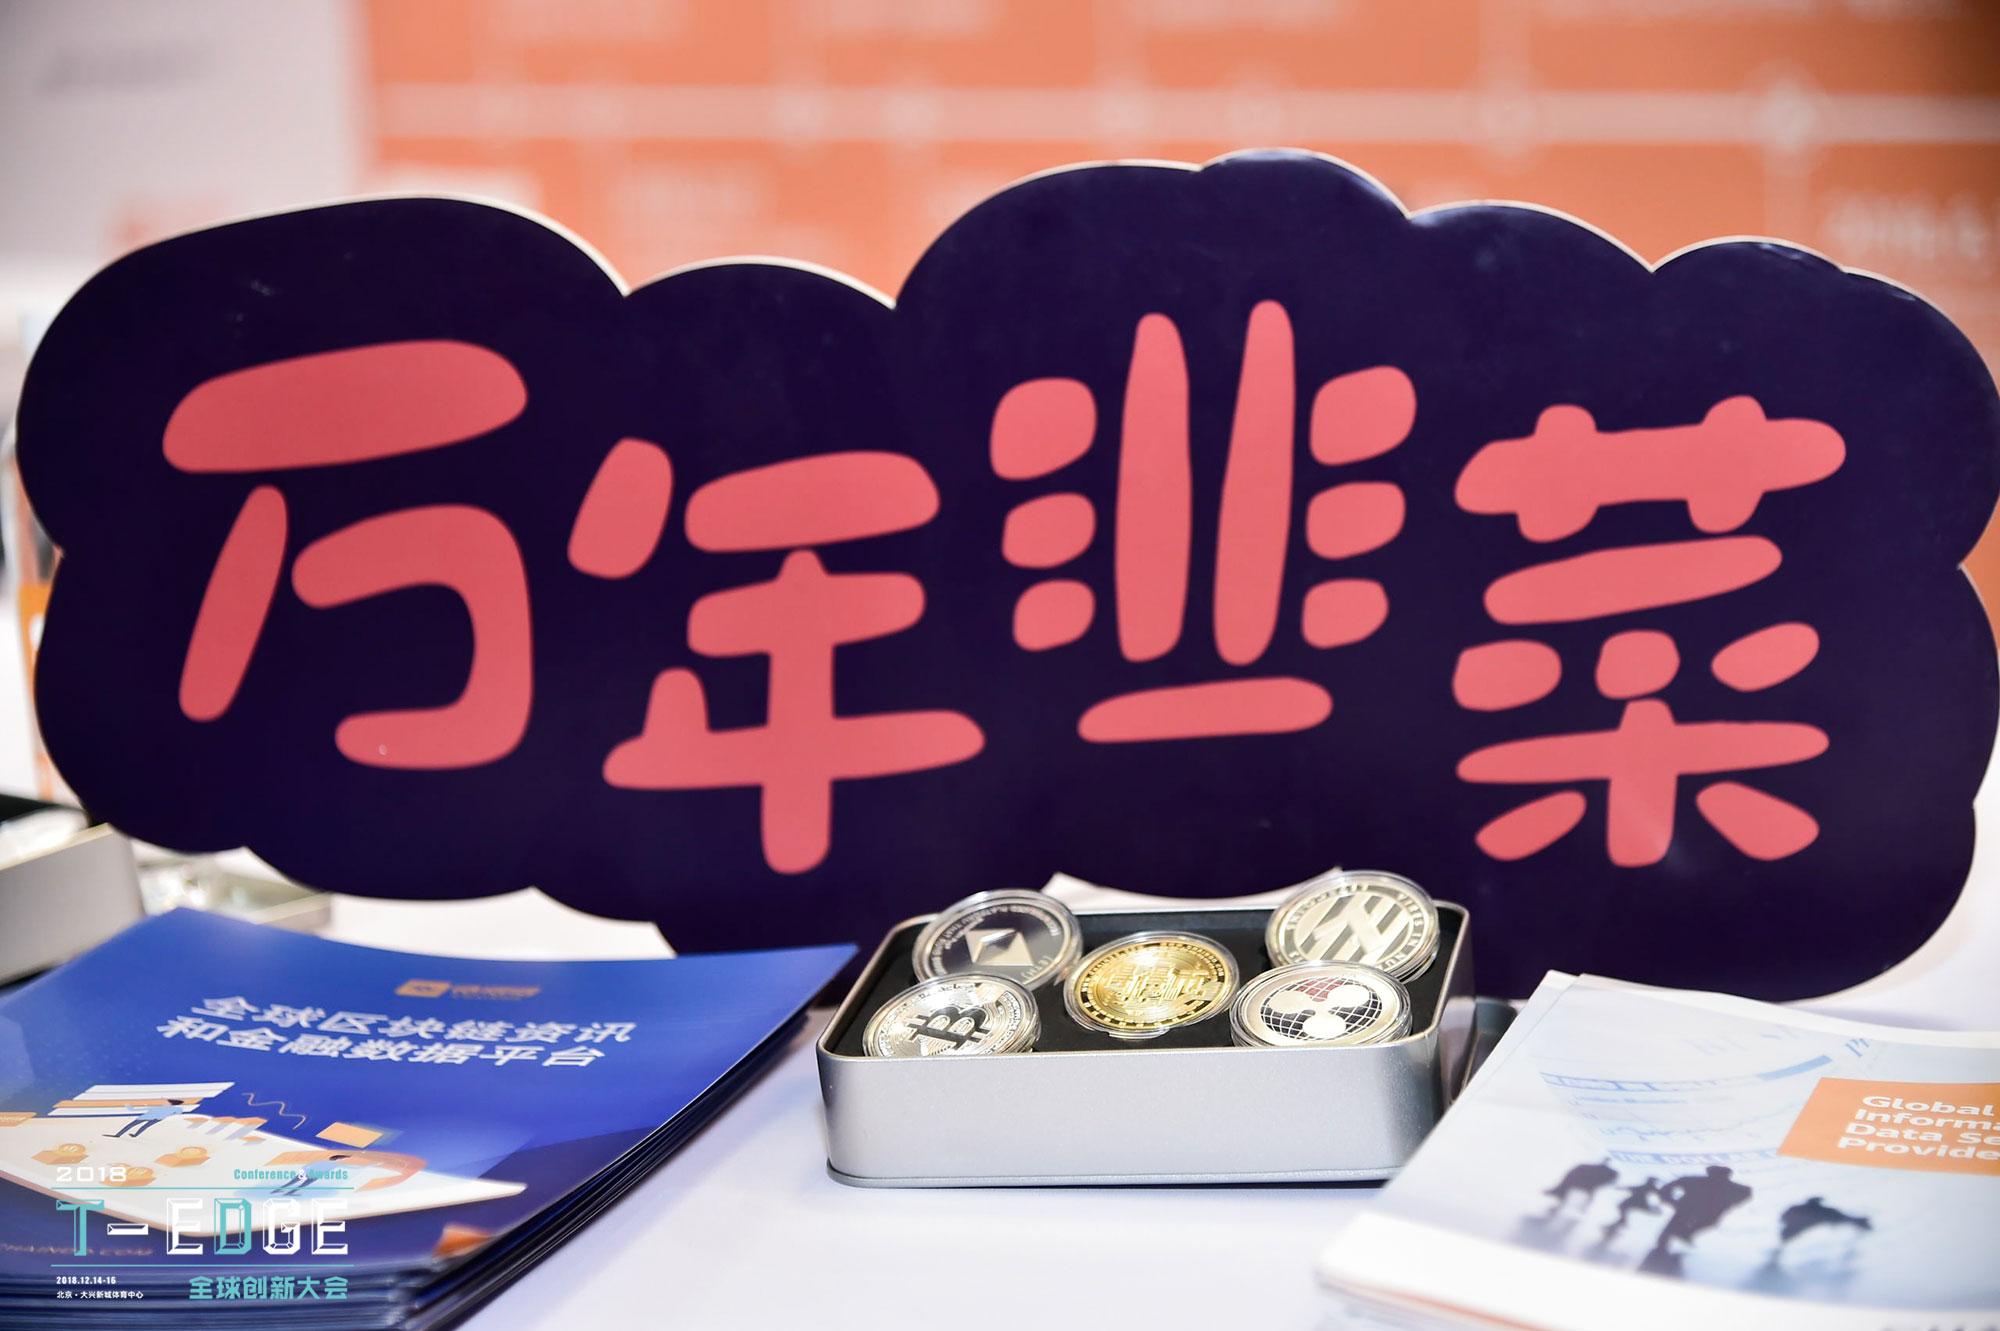 帶你來逛 2018 T-EDGE 全球創新互動體驗展區